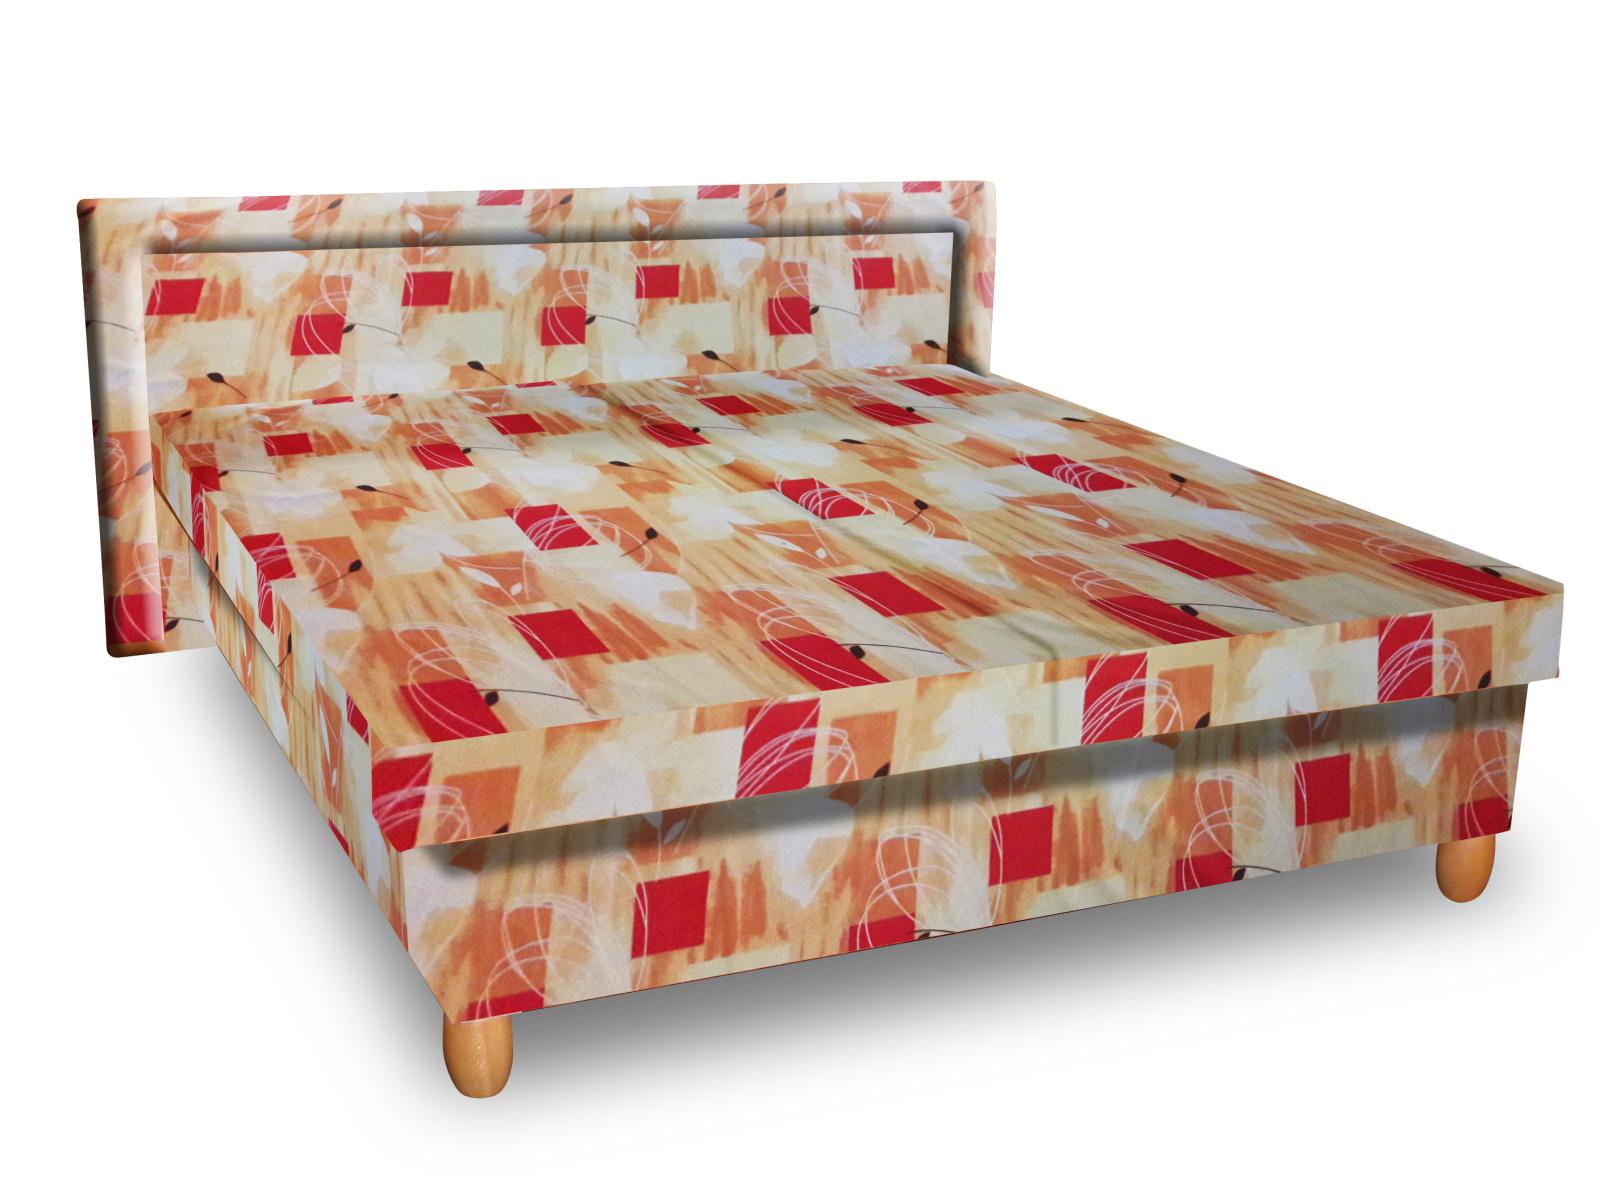 Smartshop Čalouněná postel IVA 120x200 cm, oranžová látka